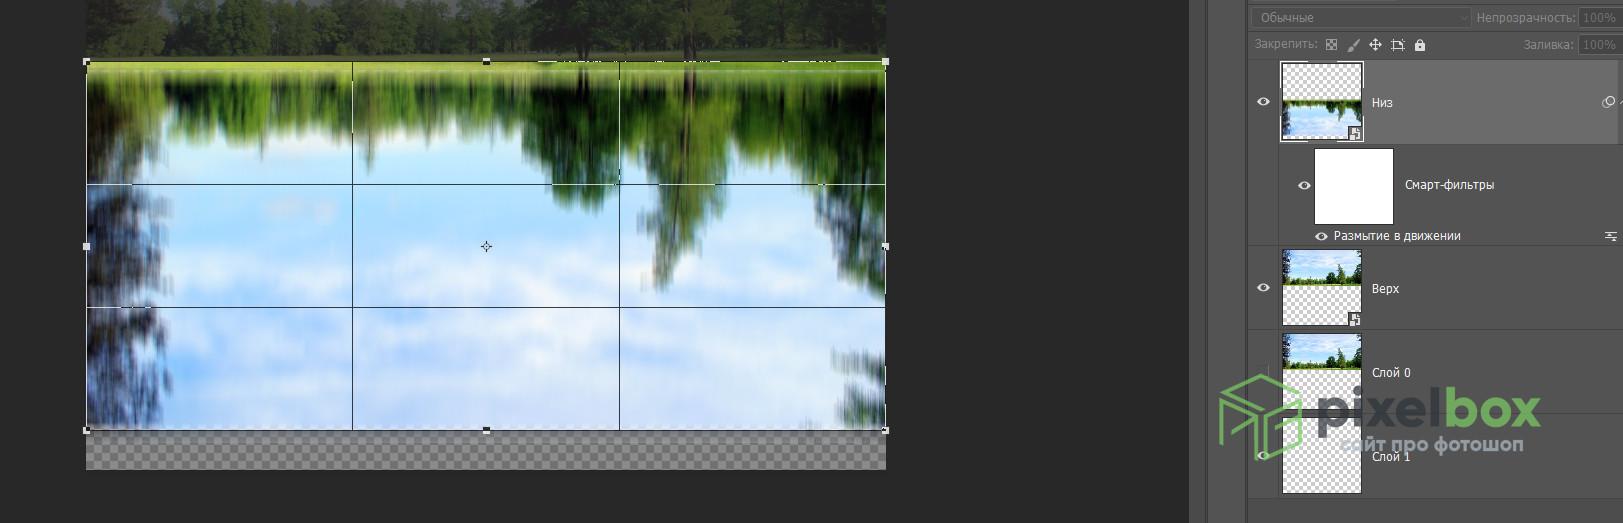 Создание реалистичного отражения для фотографий в Photoshop